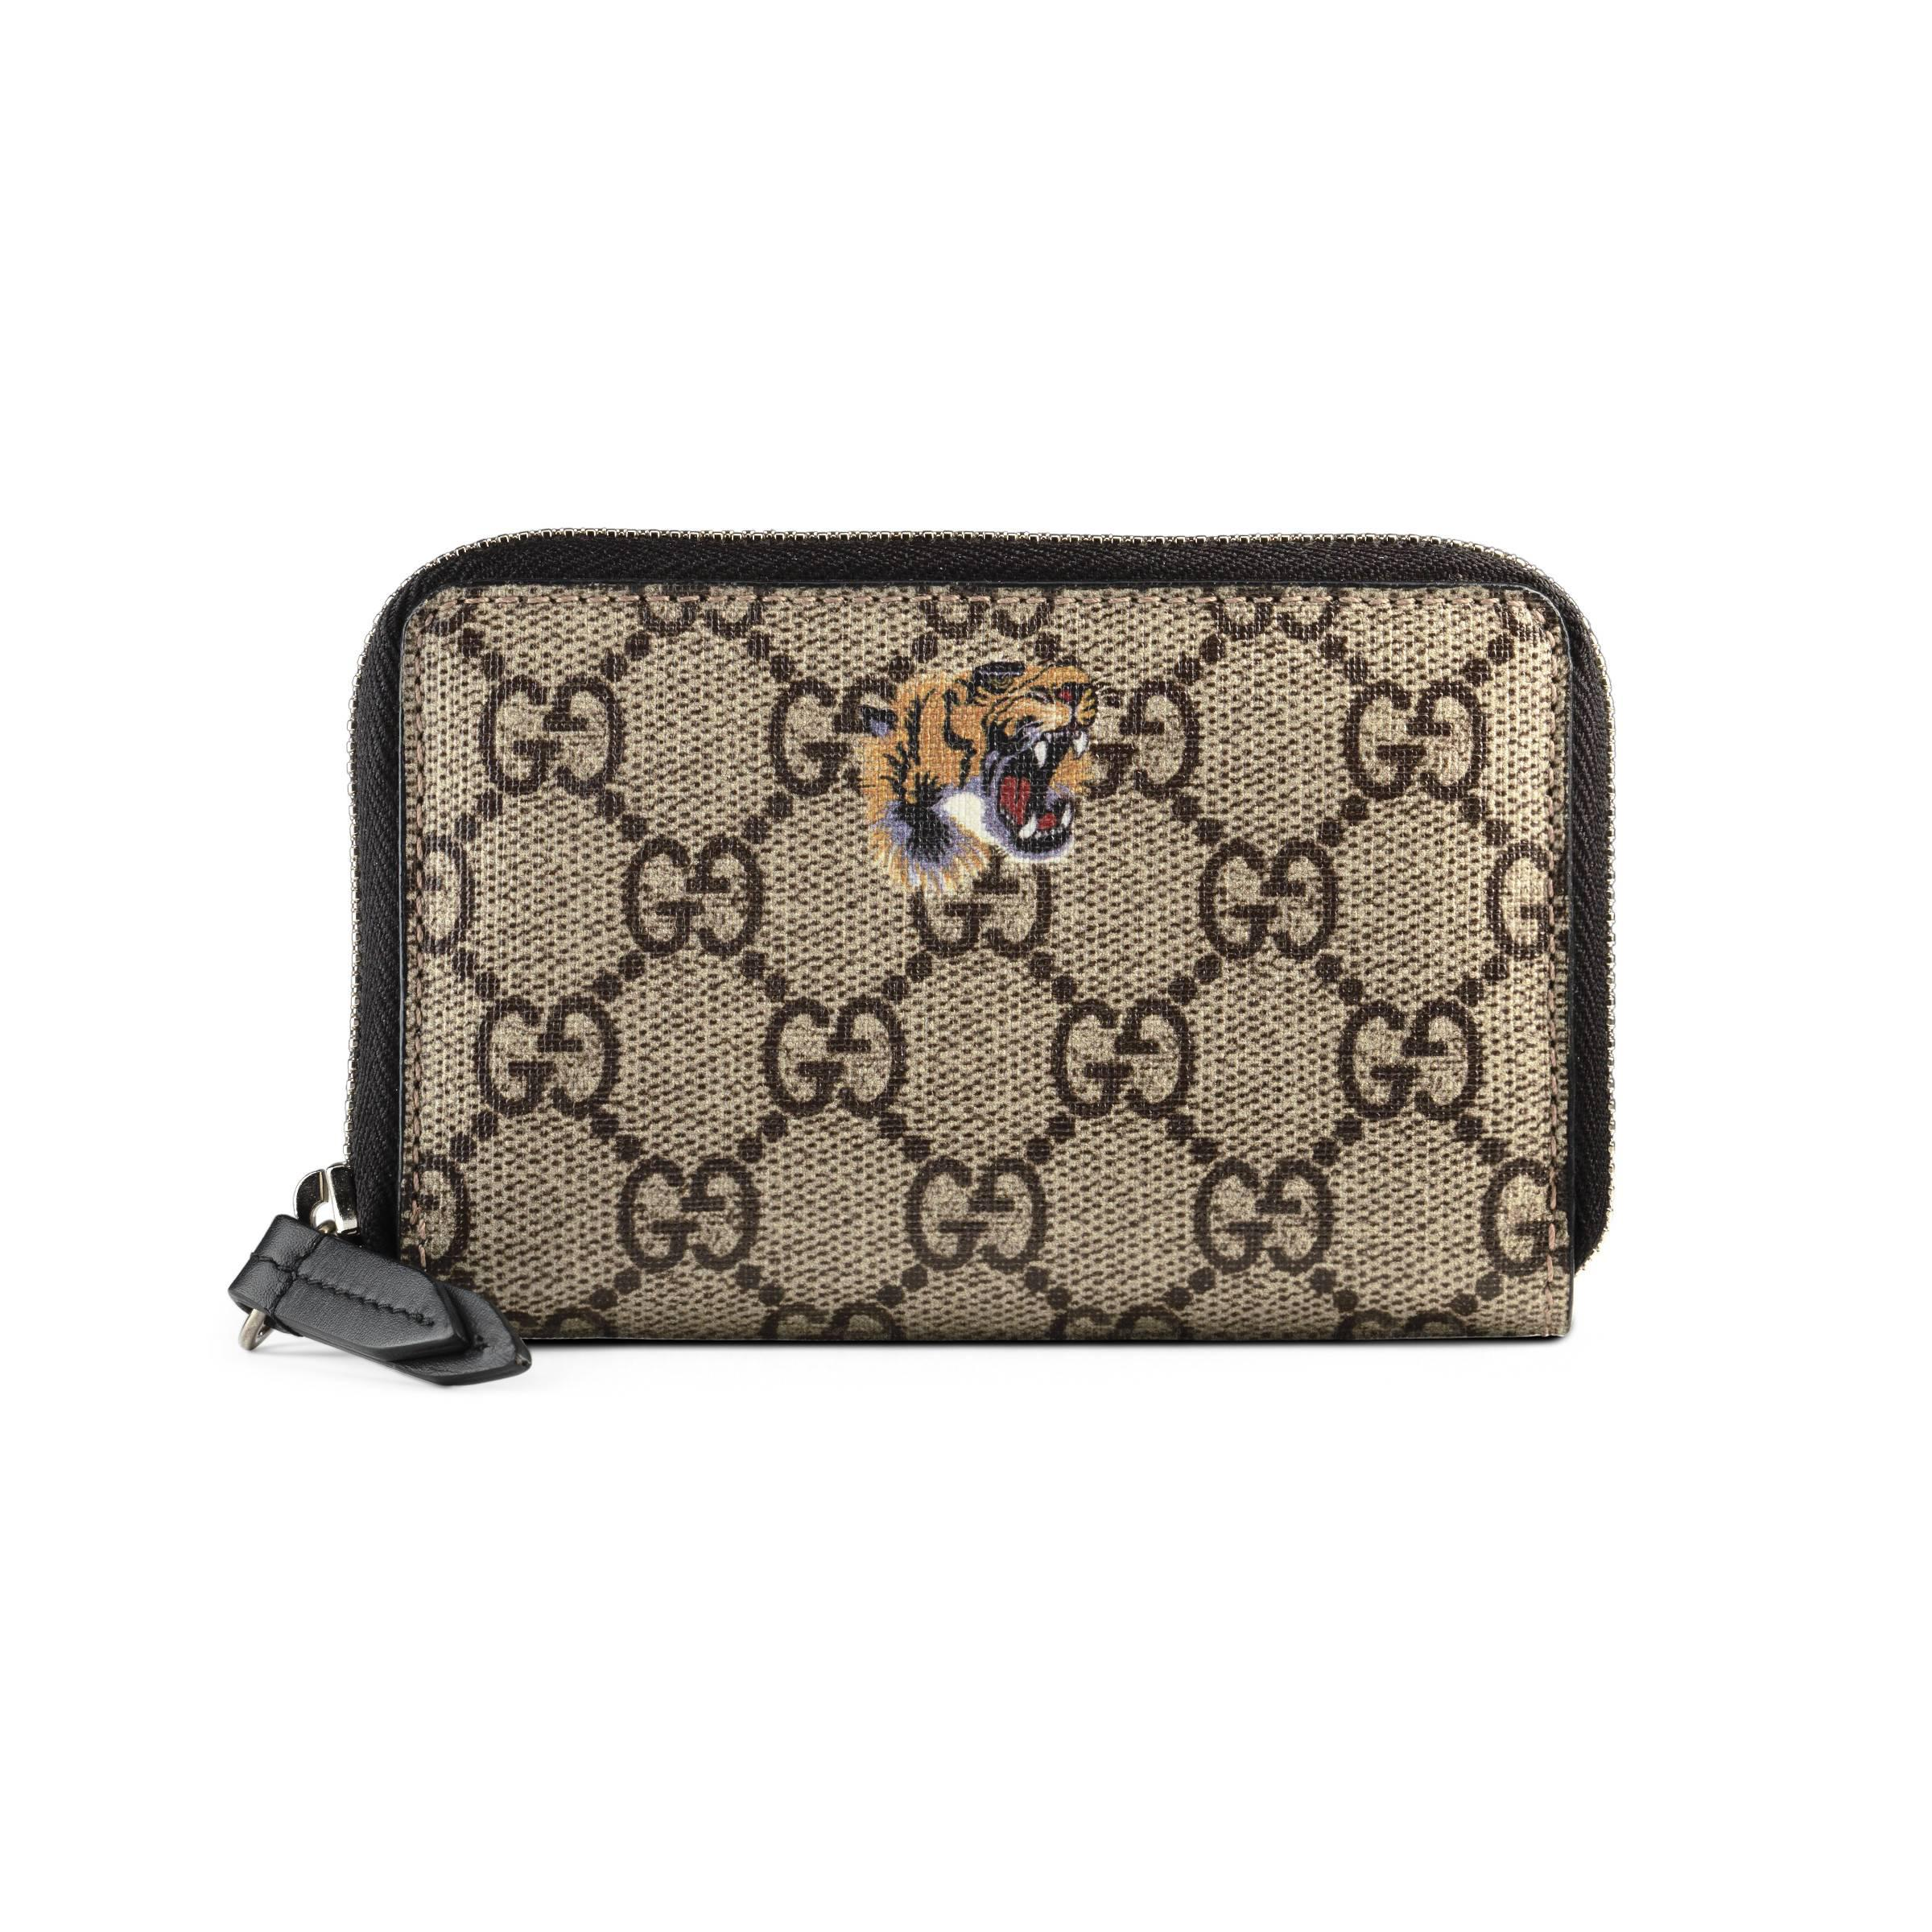 Designer GG Supreme tiger print canvas wallet card holder